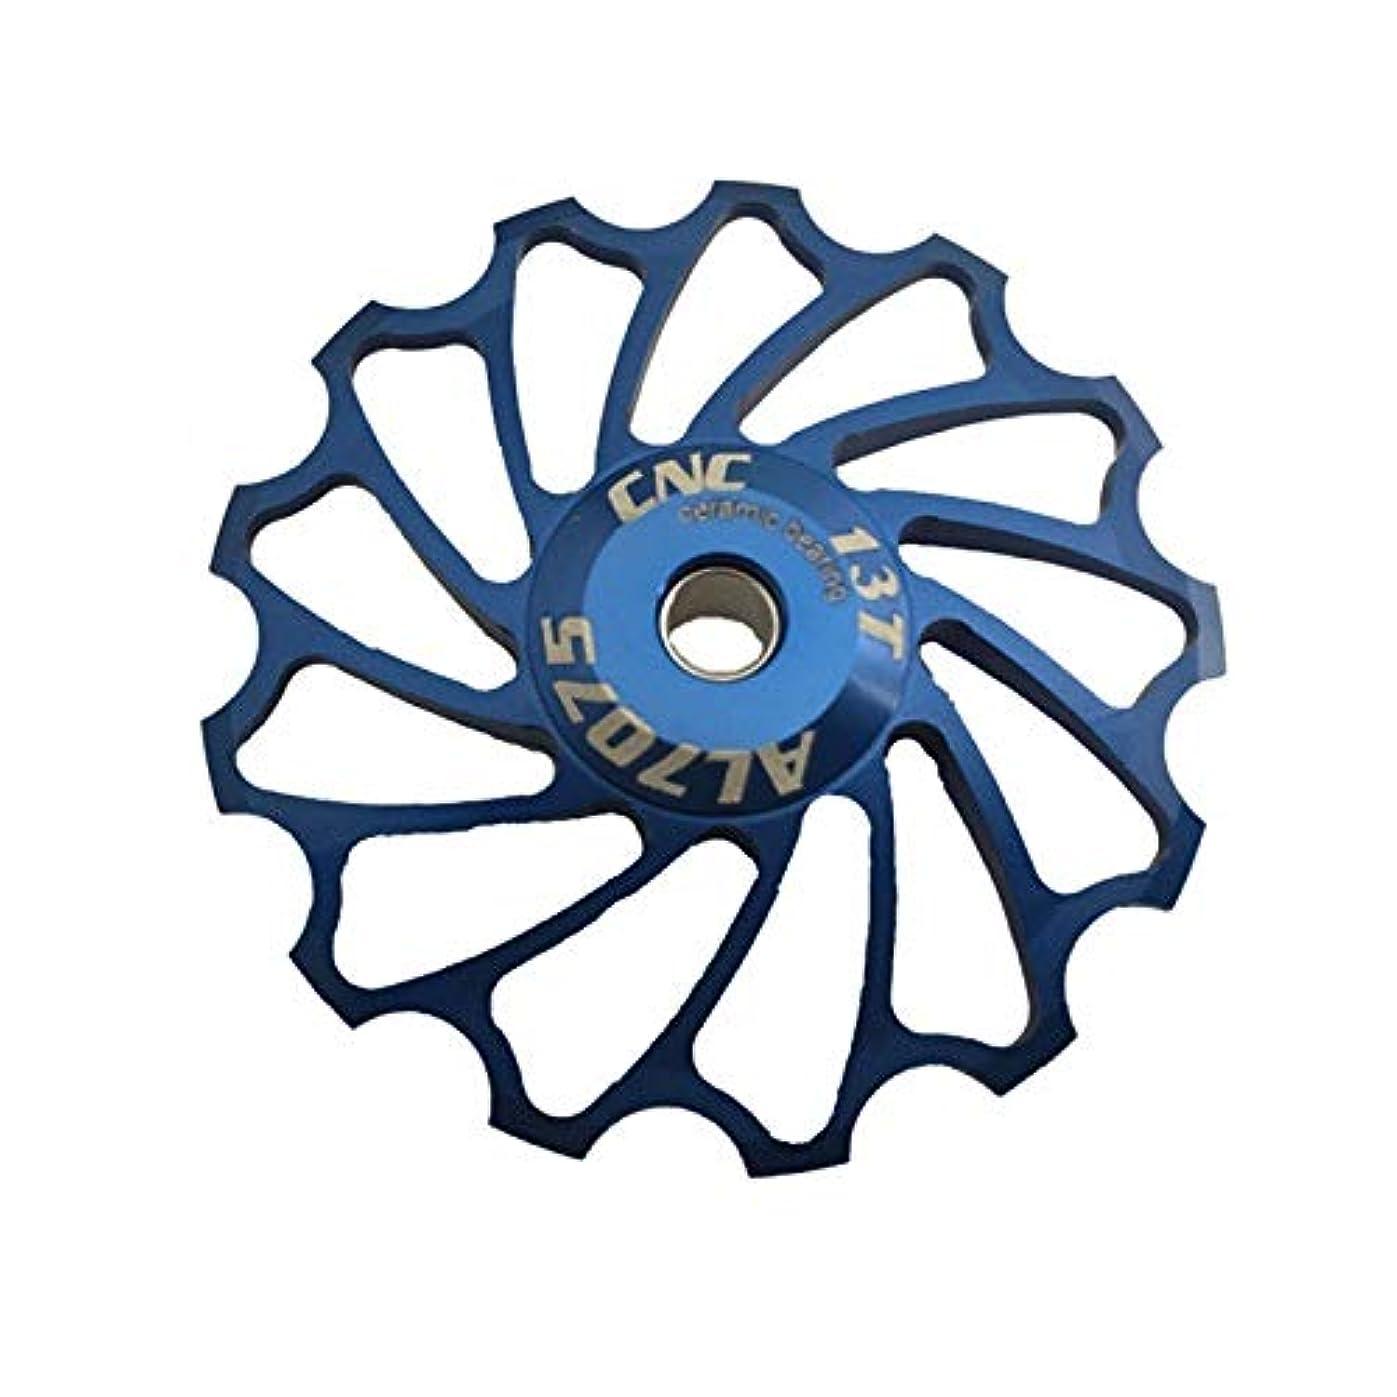 見落とすスローガン実験をするPropenary - Cycling bike ceramics Jockey Wheel Rear Derailleur Pulley 13T 7075 Aluminum alloy bicycle guide pulley bearing bicycle parts [ Blue ]